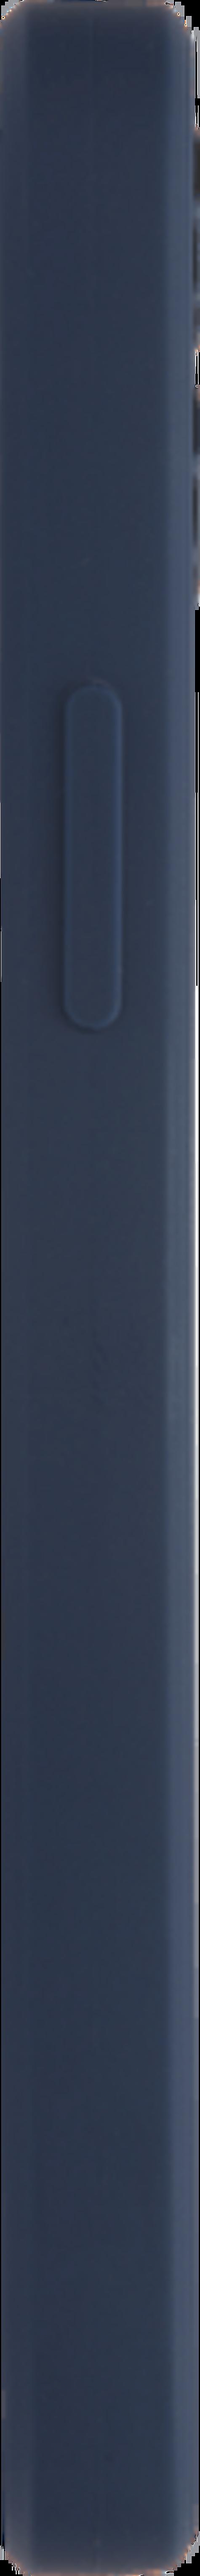 43410 - Side